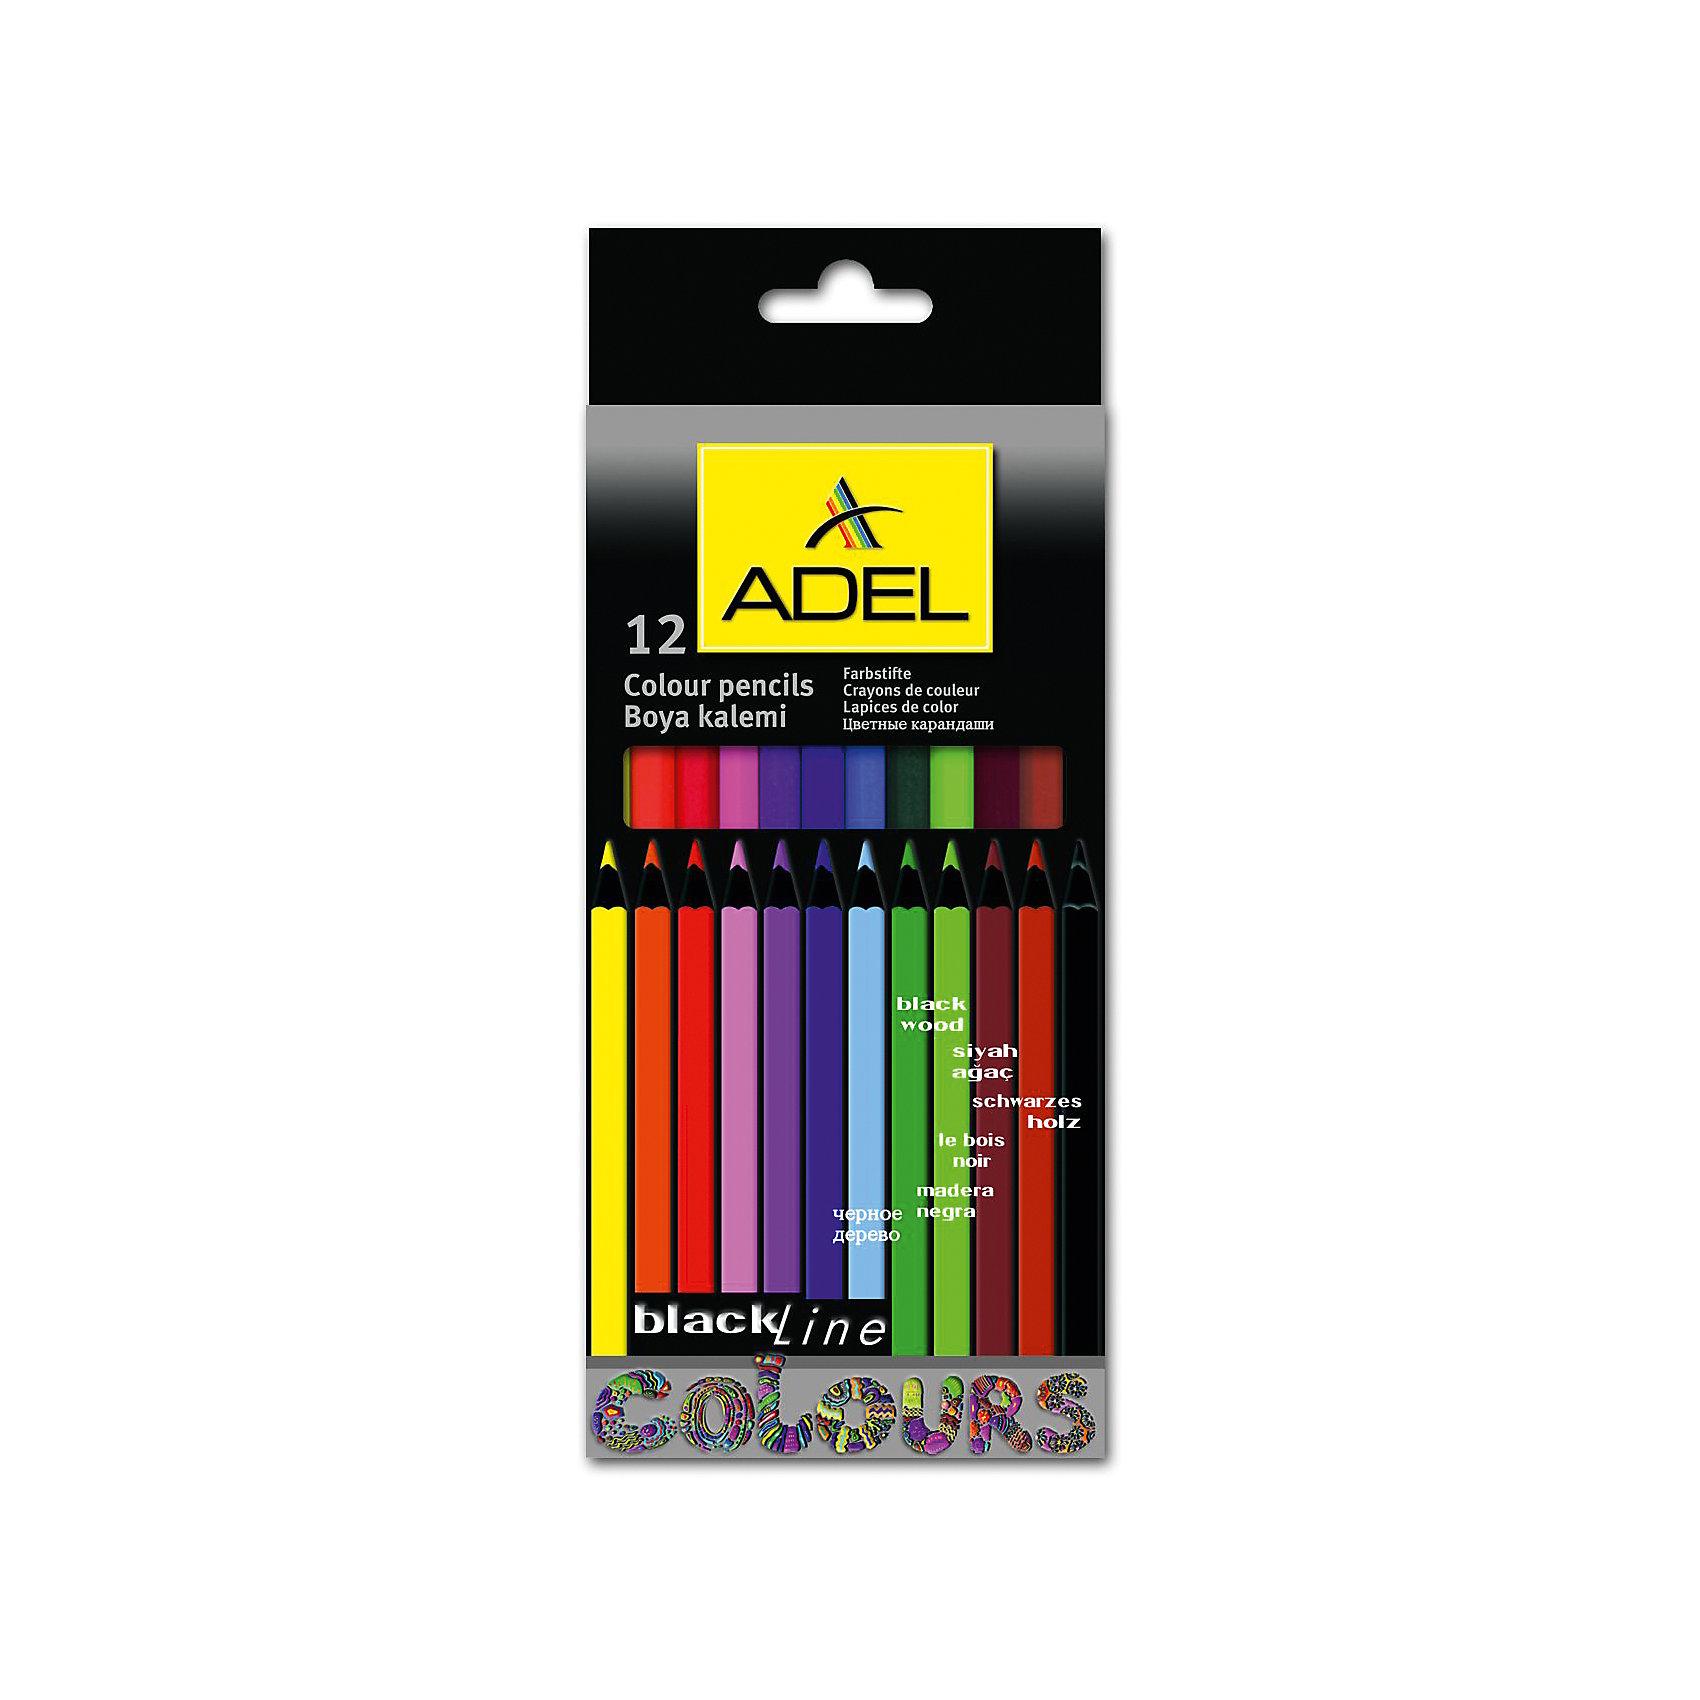 ADEL Карандаши цветные Blackline-PB, шестигранные, 12 цветов.Письменные принадлежности<br>Высококачественные цветные карандаши шестигранной классической формы с супермягким грифелем толщиной 3 мм. Корпус из черного дерева с покрытием лаком в цвет грифеля. Цвета яркие, насыщенные. Легкое затачивание.<br><br>Ширина мм: 200<br>Глубина мм: 120<br>Высота мм: 10<br>Вес г: 90<br>Возраст от месяцев: 36<br>Возраст до месяцев: 2147483647<br>Пол: Унисекс<br>Возраст: Детский<br>SKU: 6725449